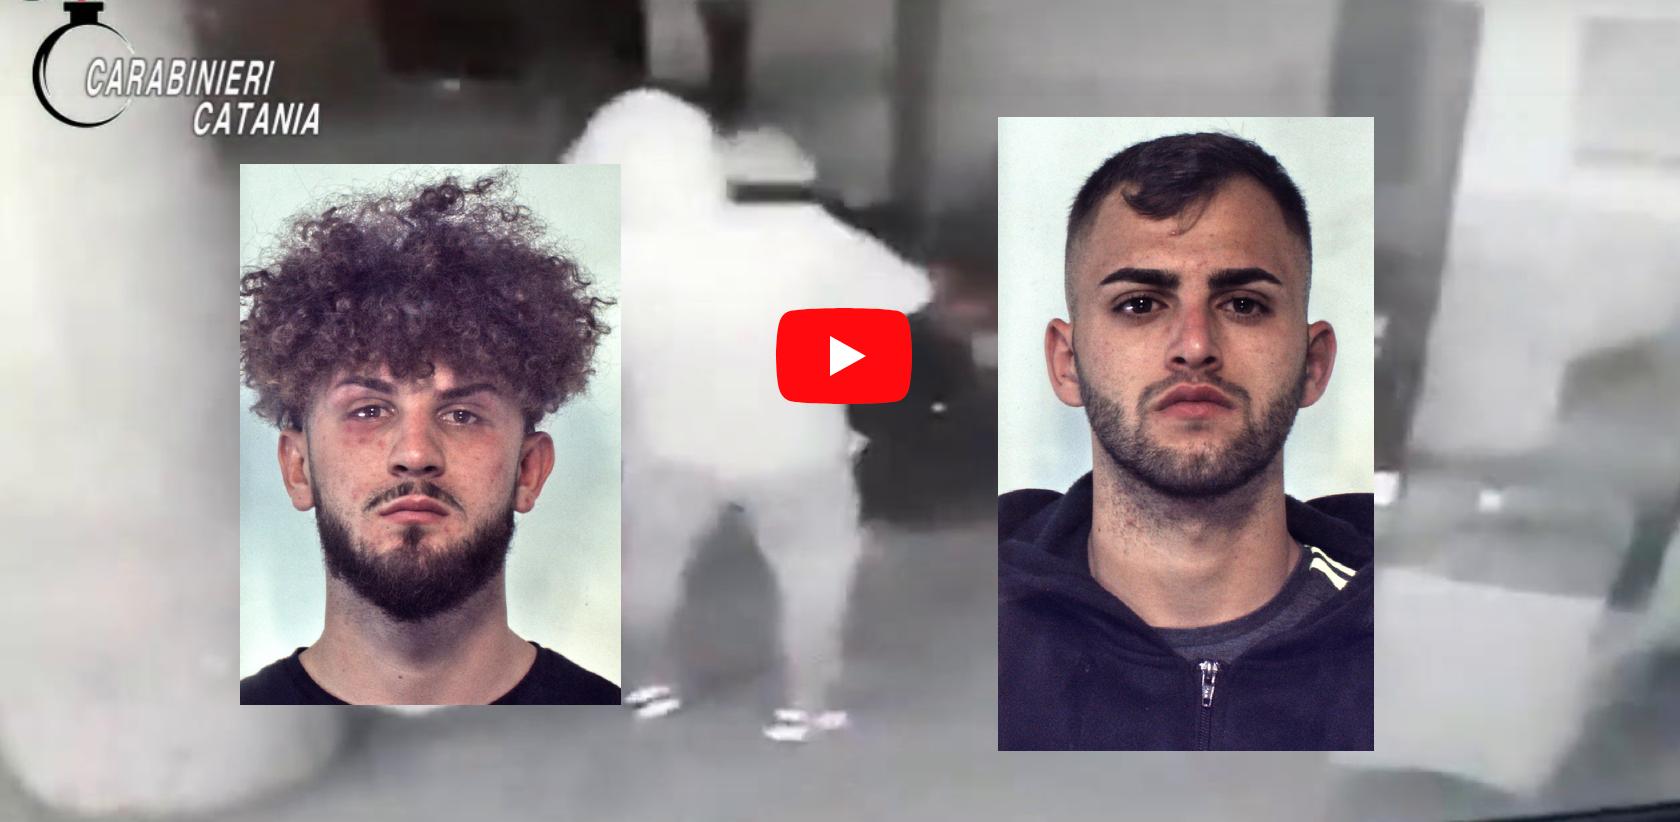 Da Catania a Belpasso, catanesi rubano slot cariche di soldi e fuggono: inseguimento per oltre 20 Km – NOMI, FOTO e VIDEO